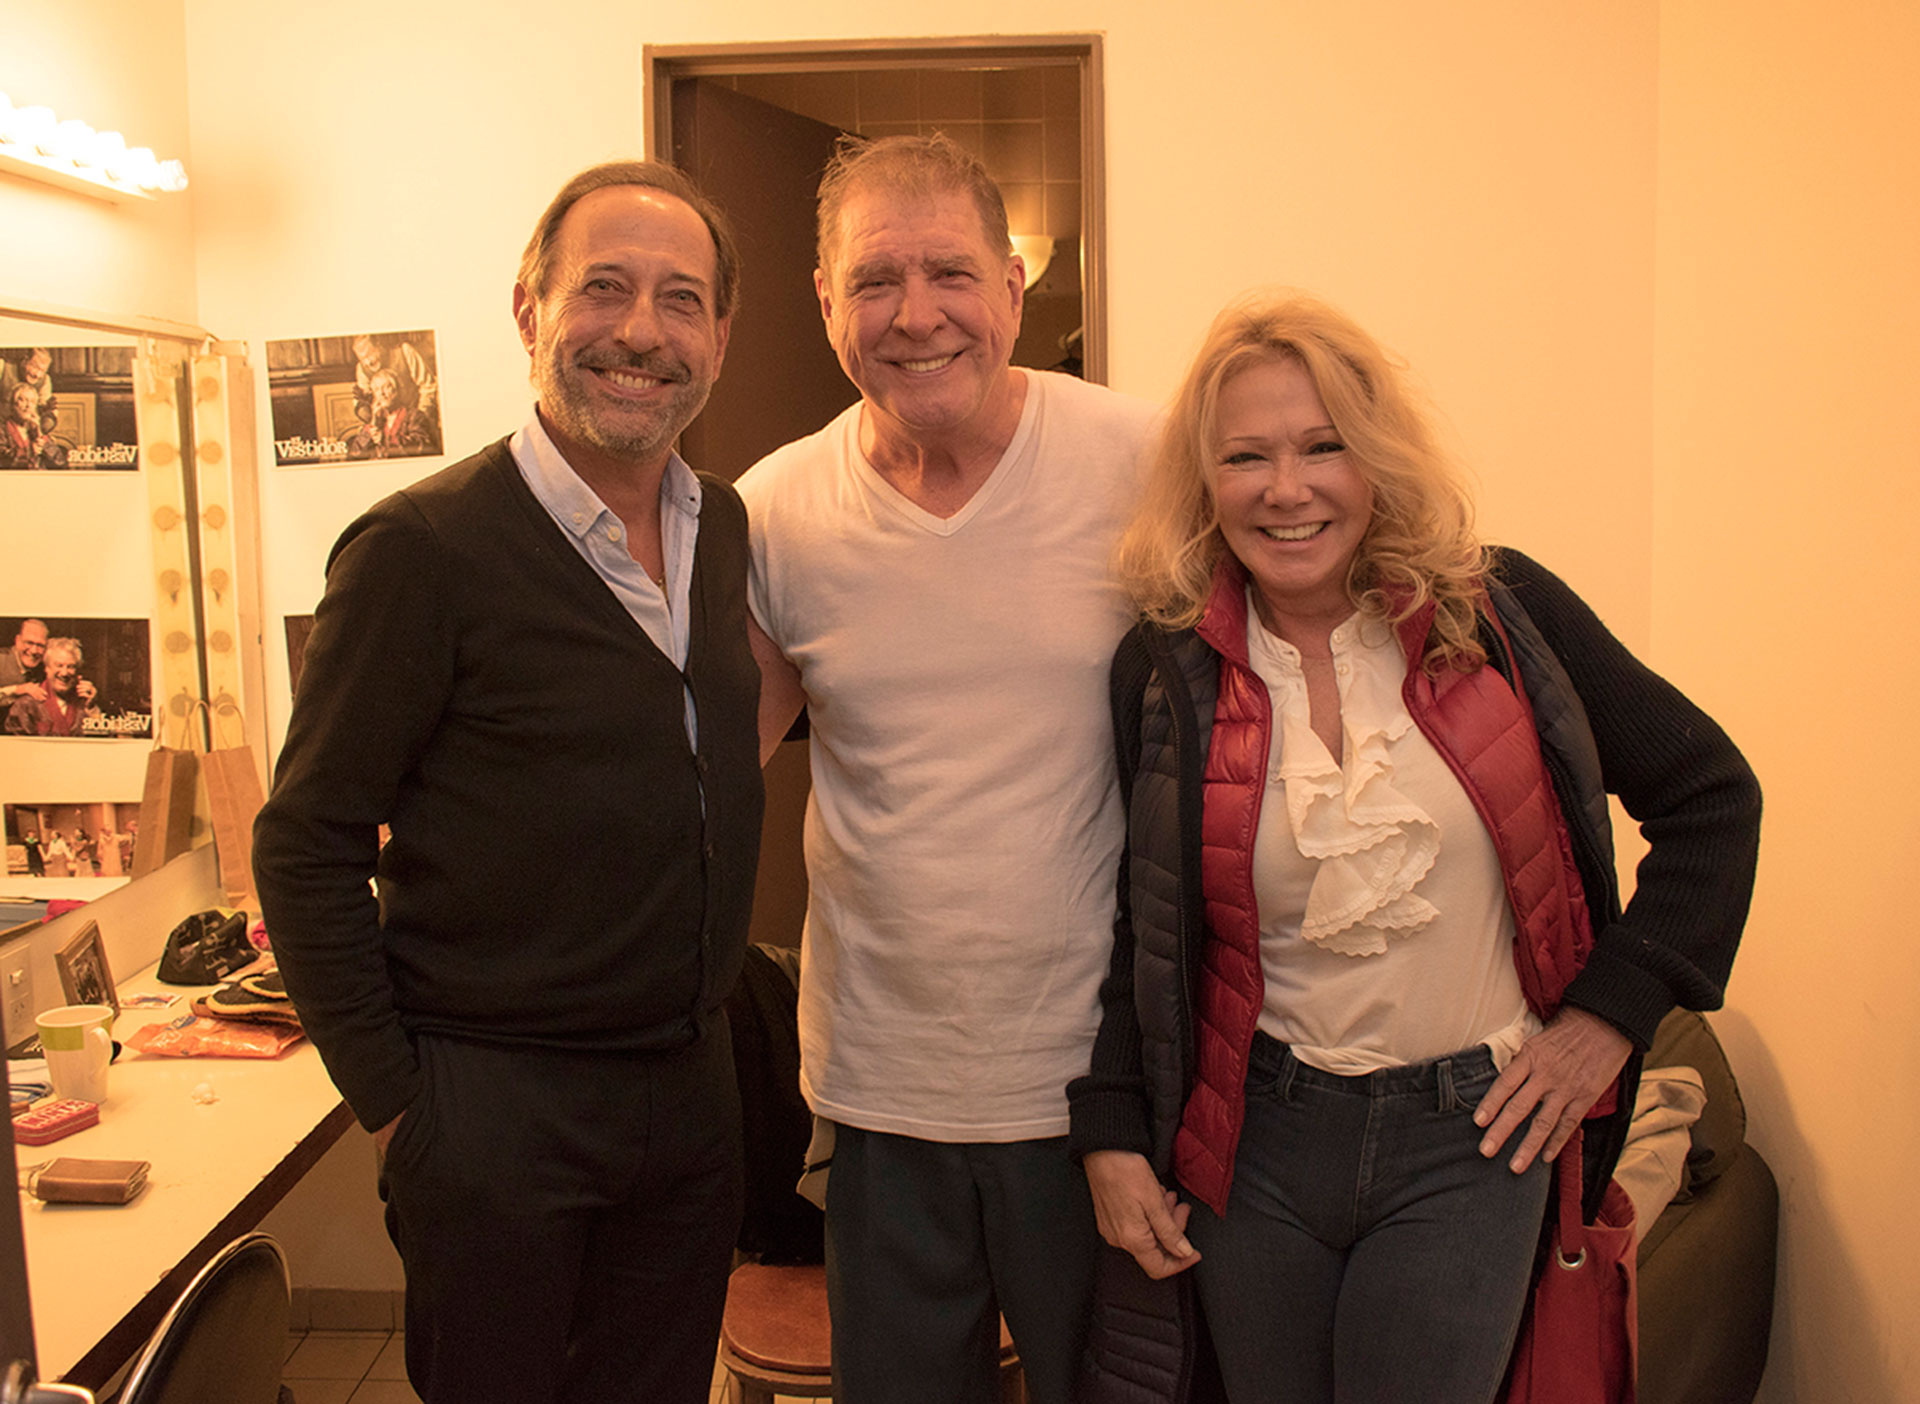 Guillermo Francella y Soledad Silveyra saludan a Arturo Puig después de la función estreno de 'El vestidor'